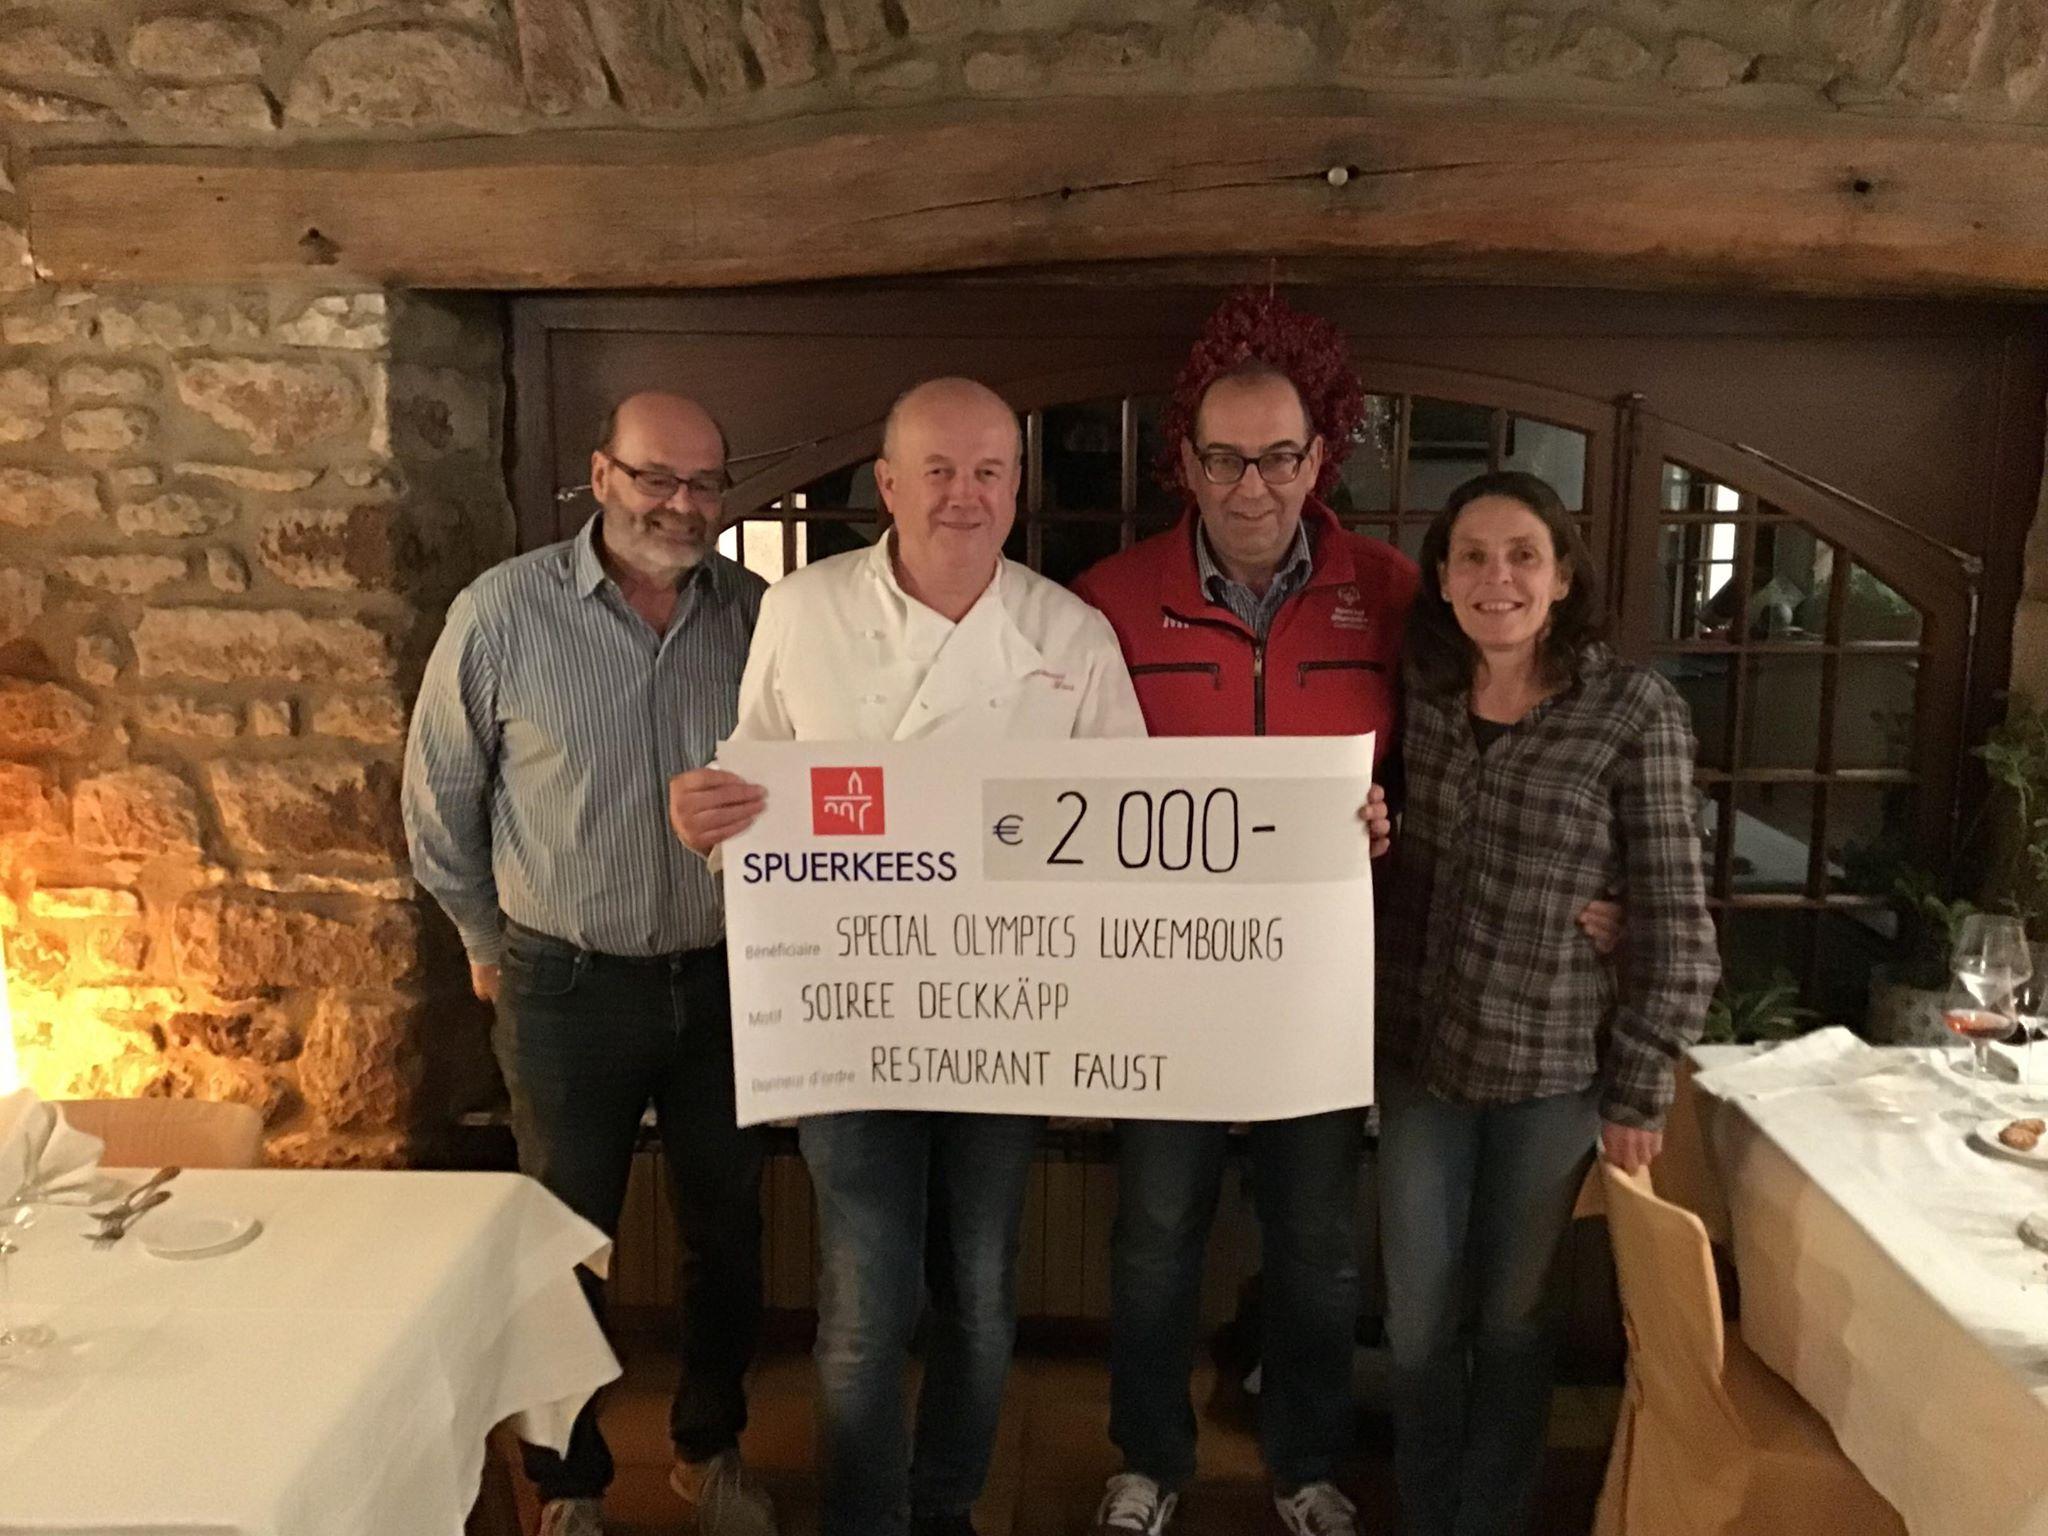 Chèque Restaurant Faust fir Soirée Déckkäpp